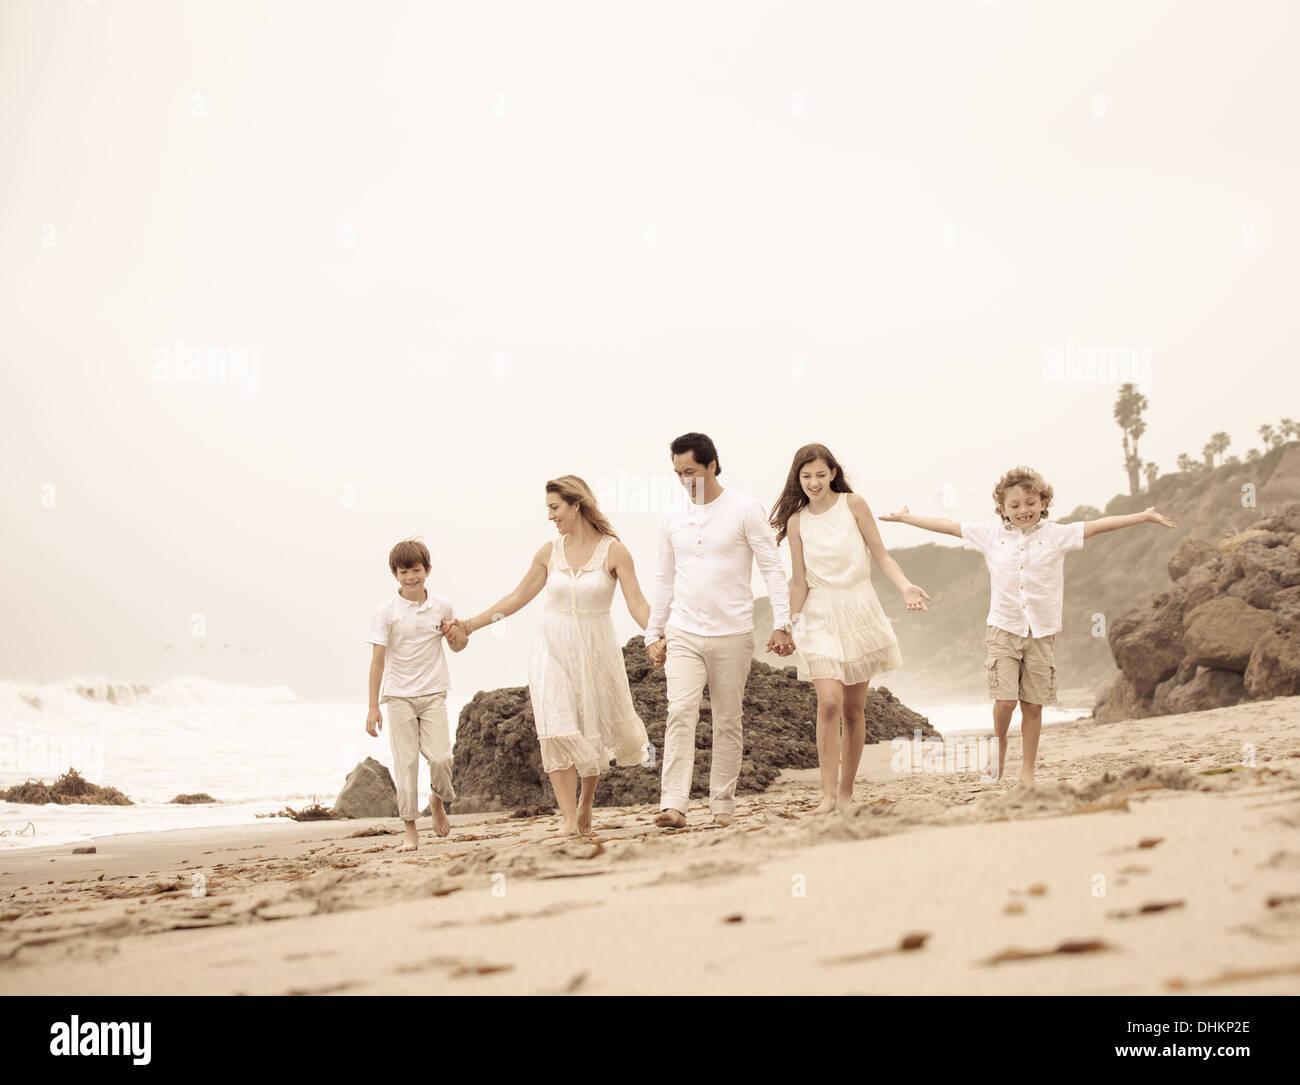 Hermosa joven familia caminando por la playa en Malibu, California Imagen De Stock